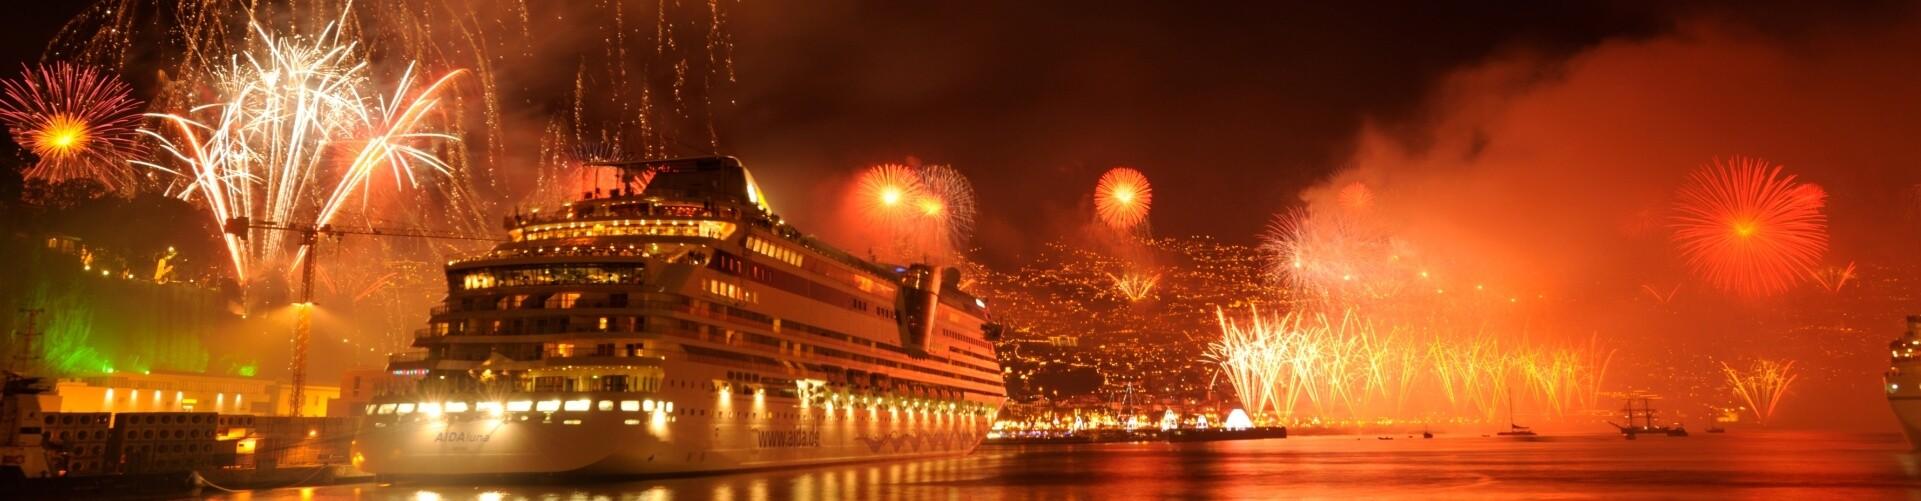 Passeio de Barco para Assistir ao Fogo de Artifício